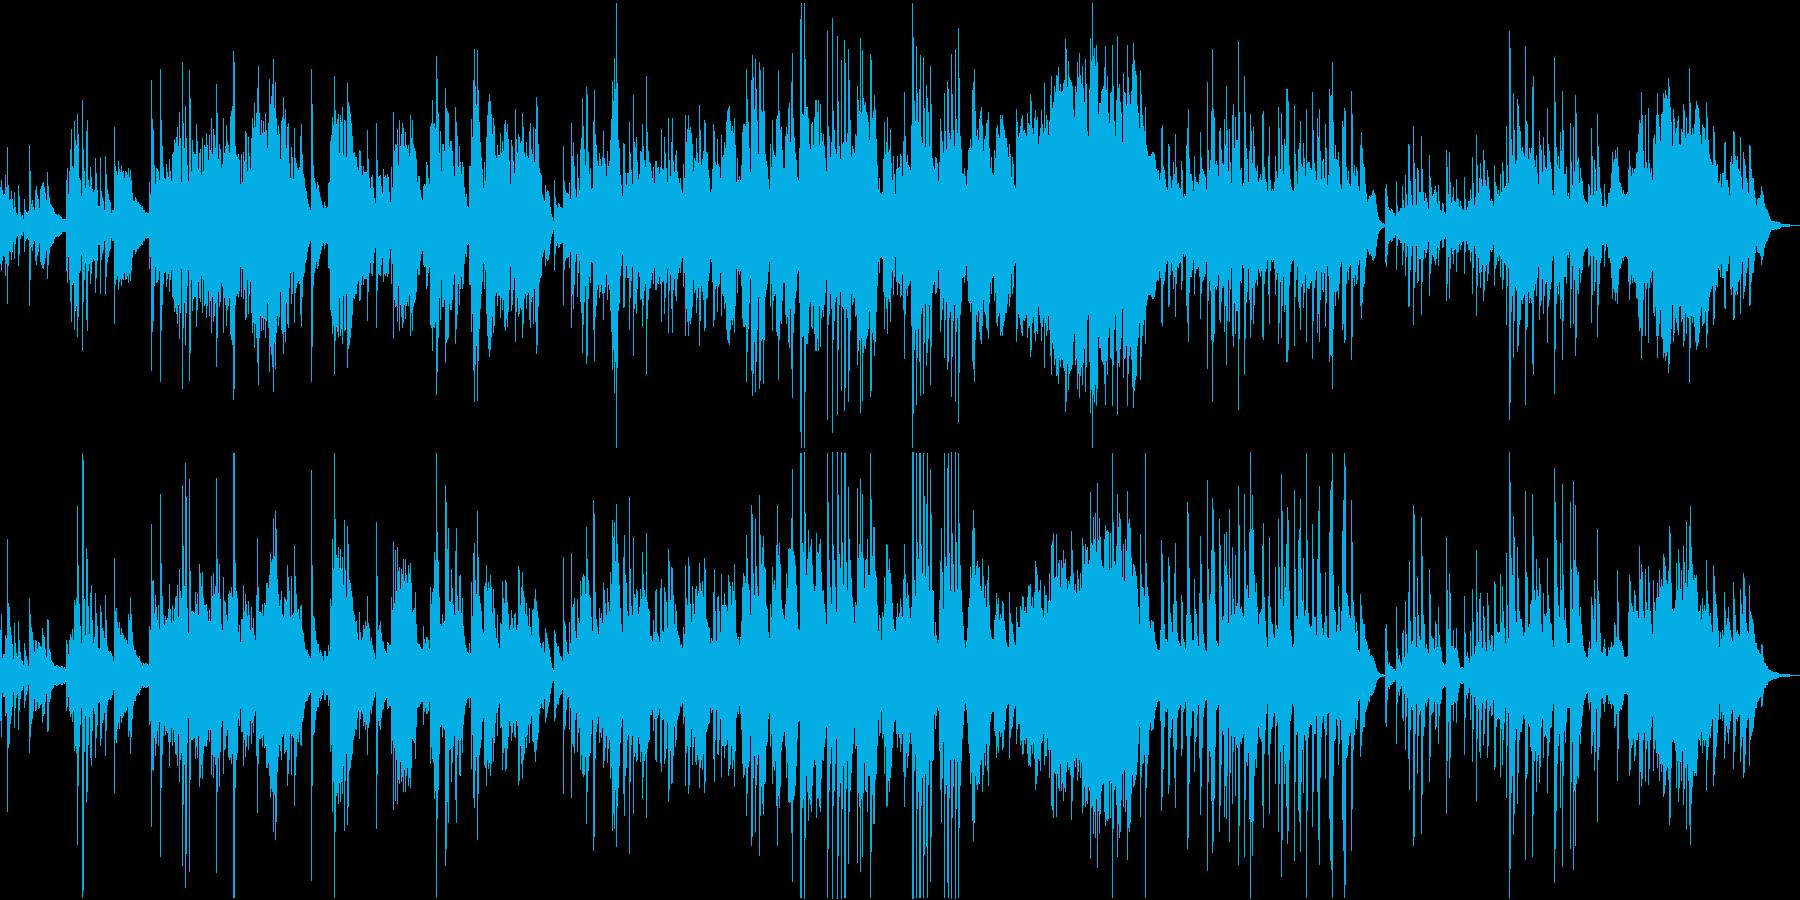 星降る夜のセレナーデの再生済みの波形